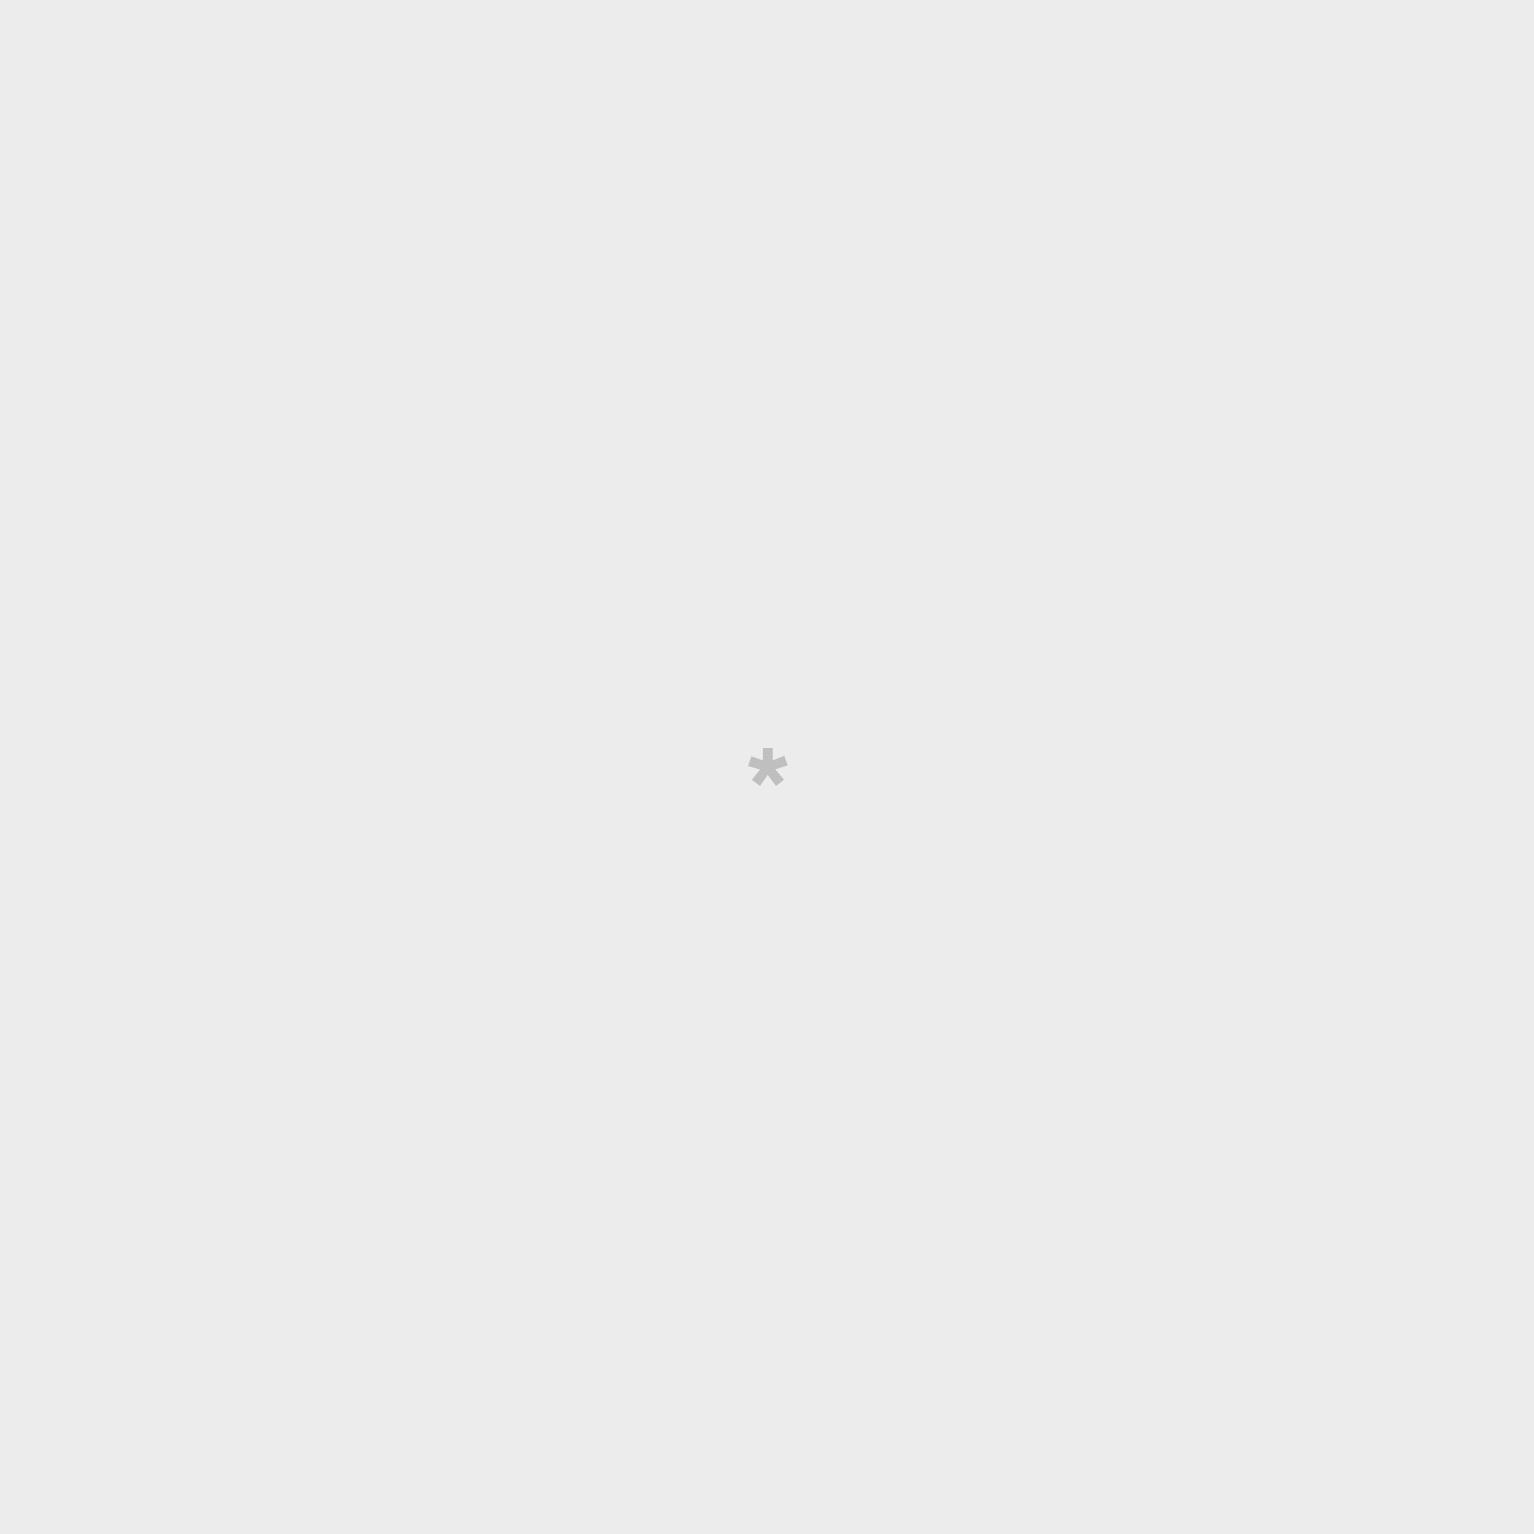 Set de 2 organizadores de equipaje - Let's explore more!